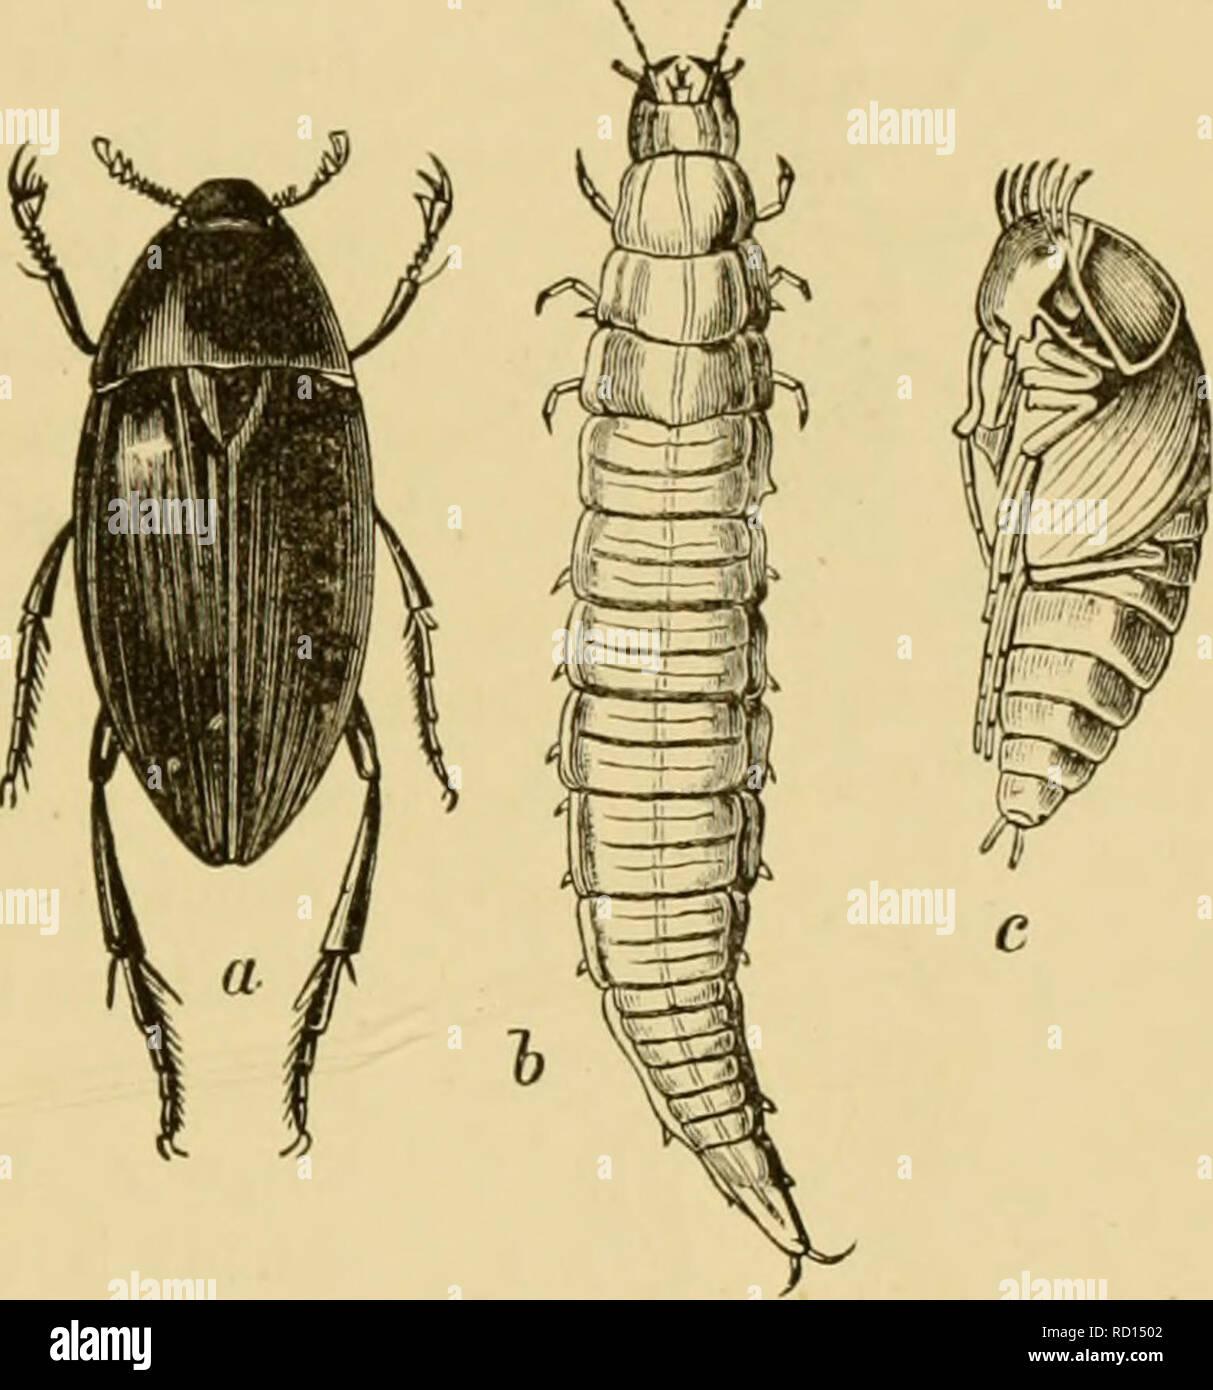 """. Testo elementare-libro di zoologia, parte generale e parte speciale: protozoi a insecta. Animali. COLEOPTERA. 585 Fara. Hesperidae. IIcqKrin virgola L. //. sylvanvs Schn. Fam. LycaenidsB {Polycmmatida'), (Rlaulintre). Pohjonufiatus A7""""ion L., P. Damon Fubr. P. virgaurece L., Thcchi ruhi L., verde hairstreak. T. Quercus L., capelli viola streak. '!'. Betulce L. fam. Satyridae. Sutyrus Prtsi-è L., S. Ilcrmlone L., Erchia Bsdv. (^Ilip- l)arrhia Falir.), /-'. Janira L., ecc. Fam. Nymphalidae. I bruchi hanno outgrowths spinosa, raramente coperto con tine liairs. Il pujja è fissato con il suo posterio Immagini Stock"""